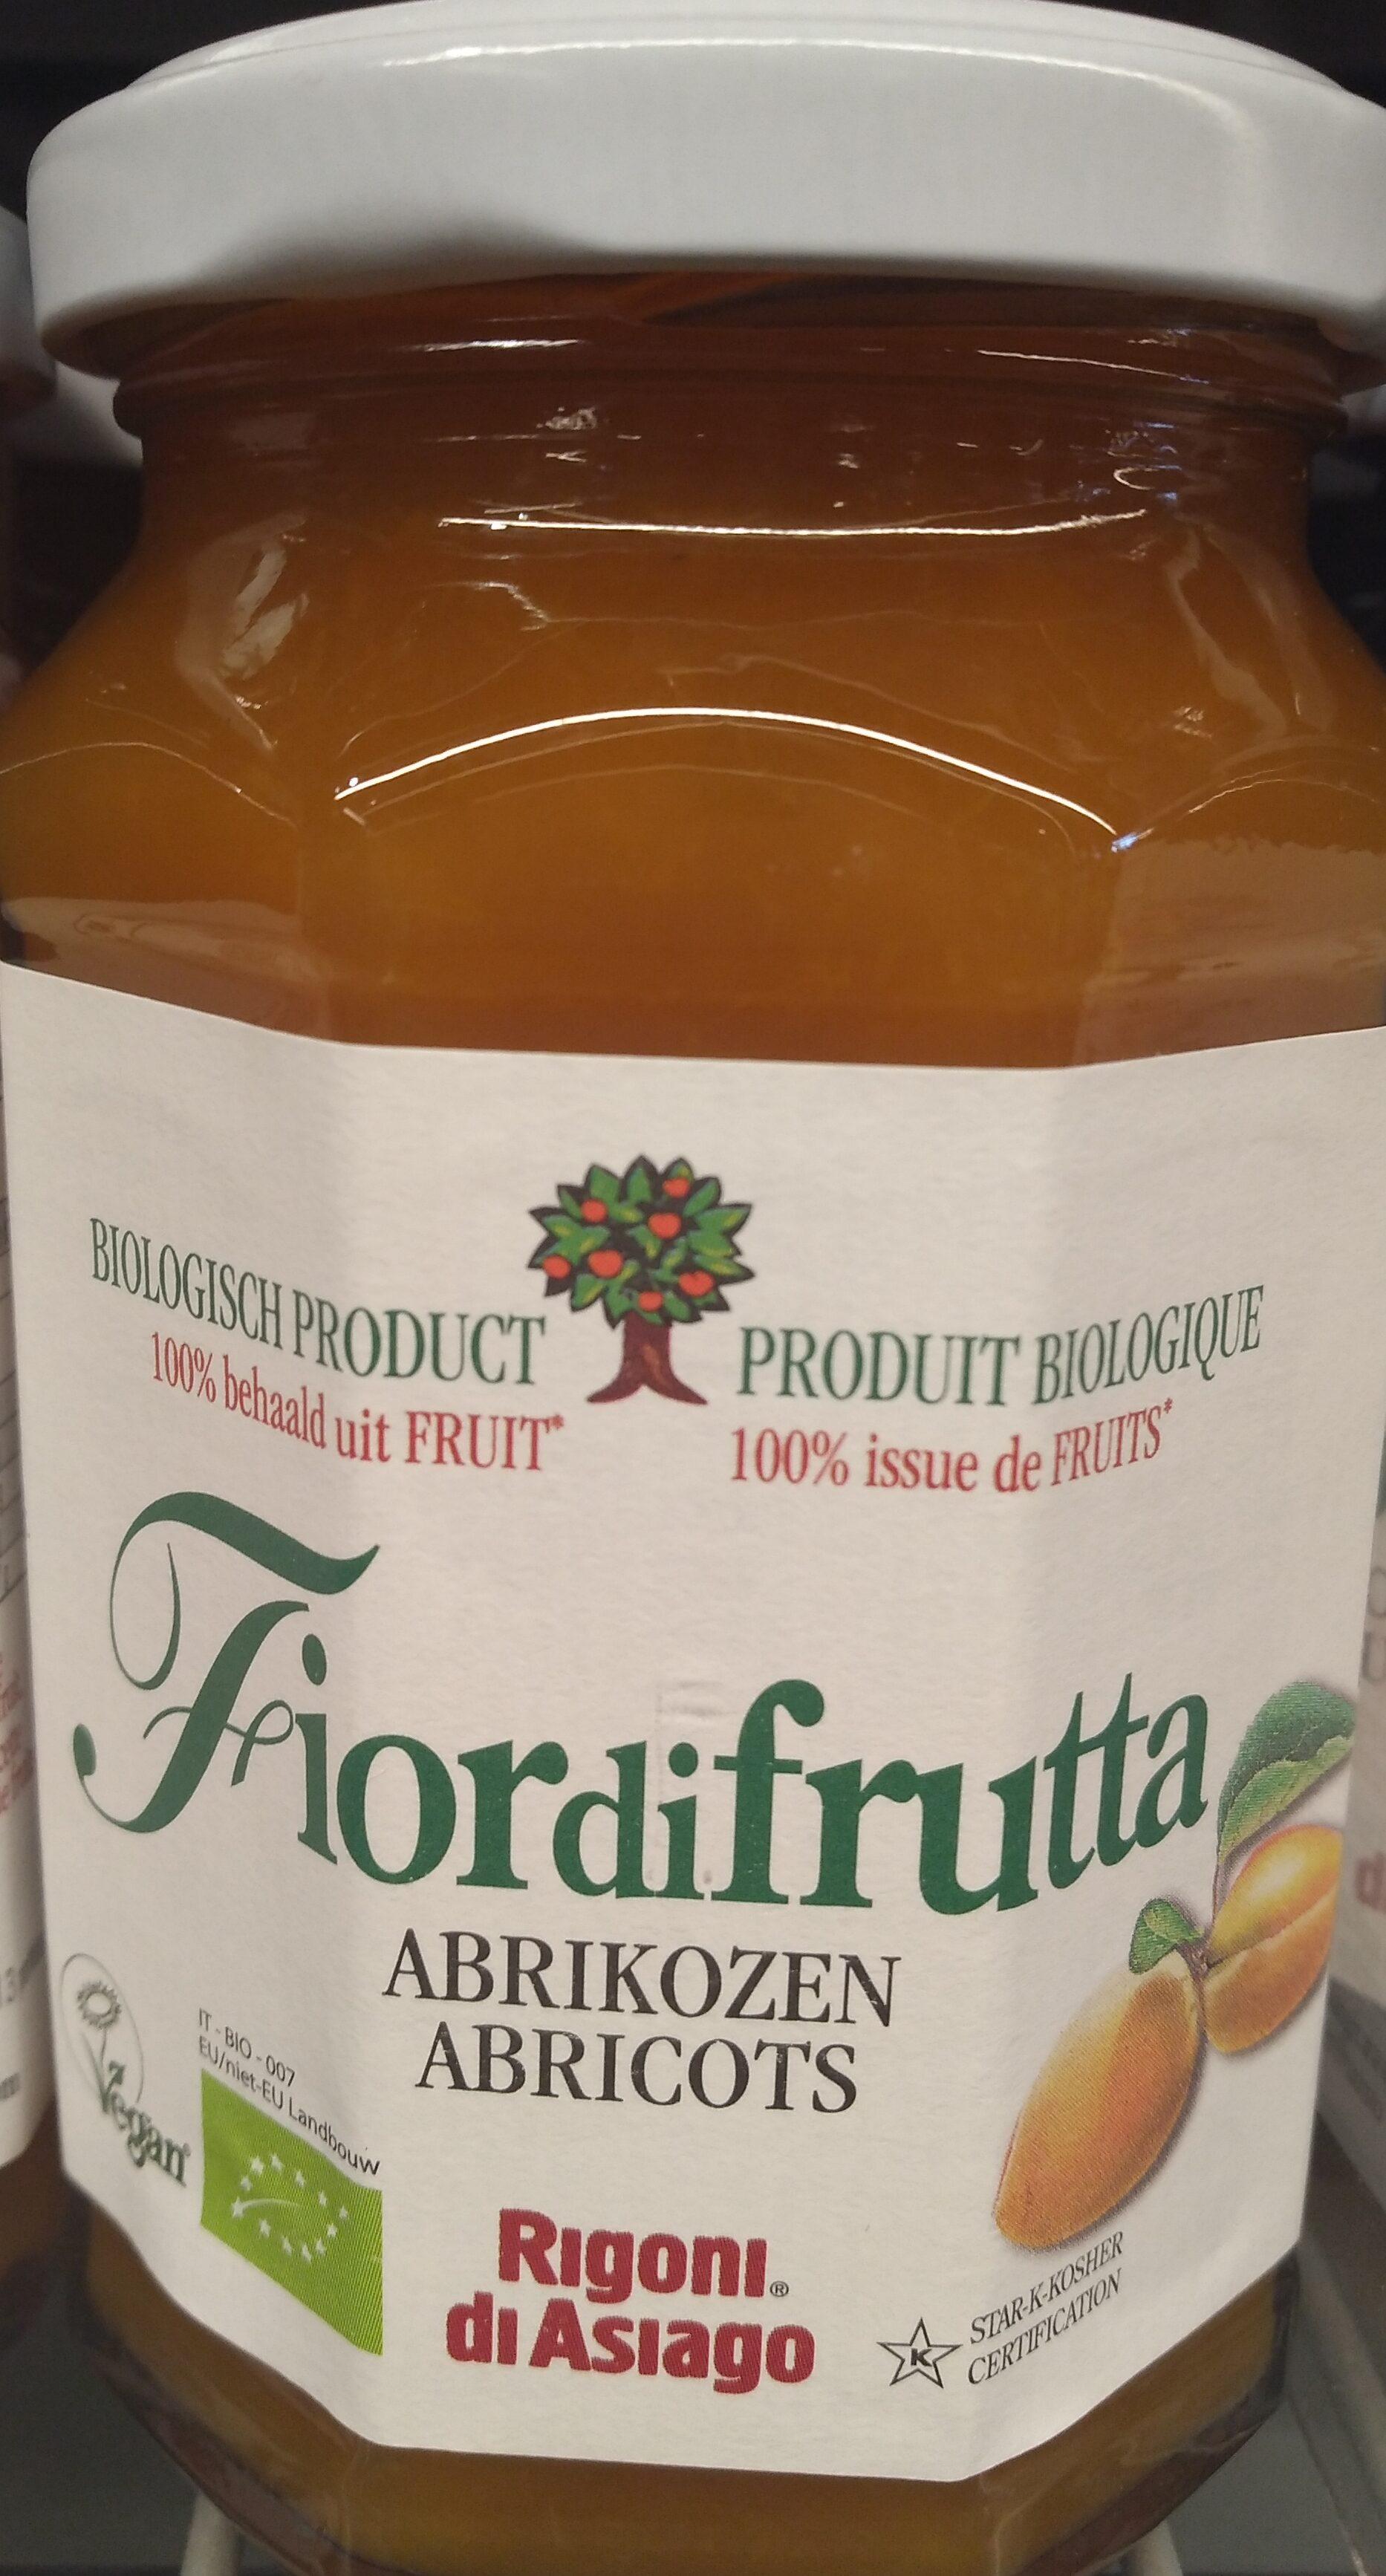 Fiordifrutta abricots - Product - nl